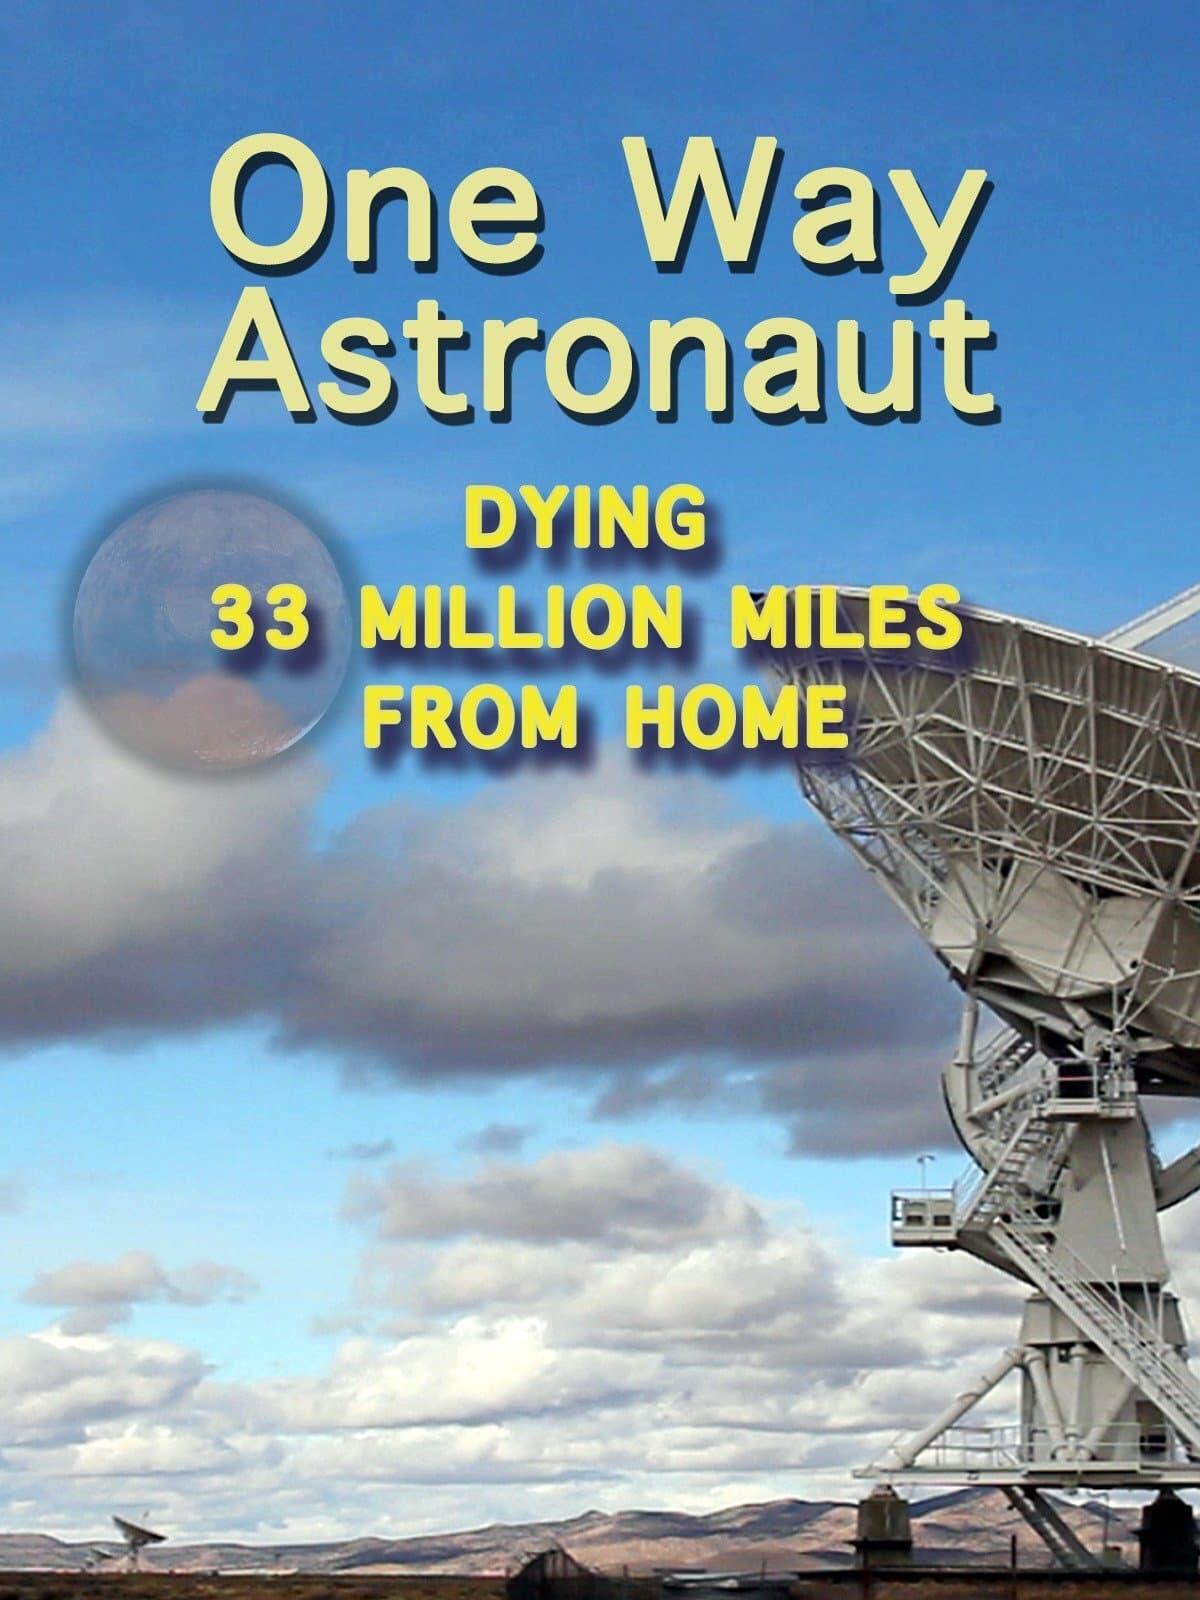 One Way Astronaut